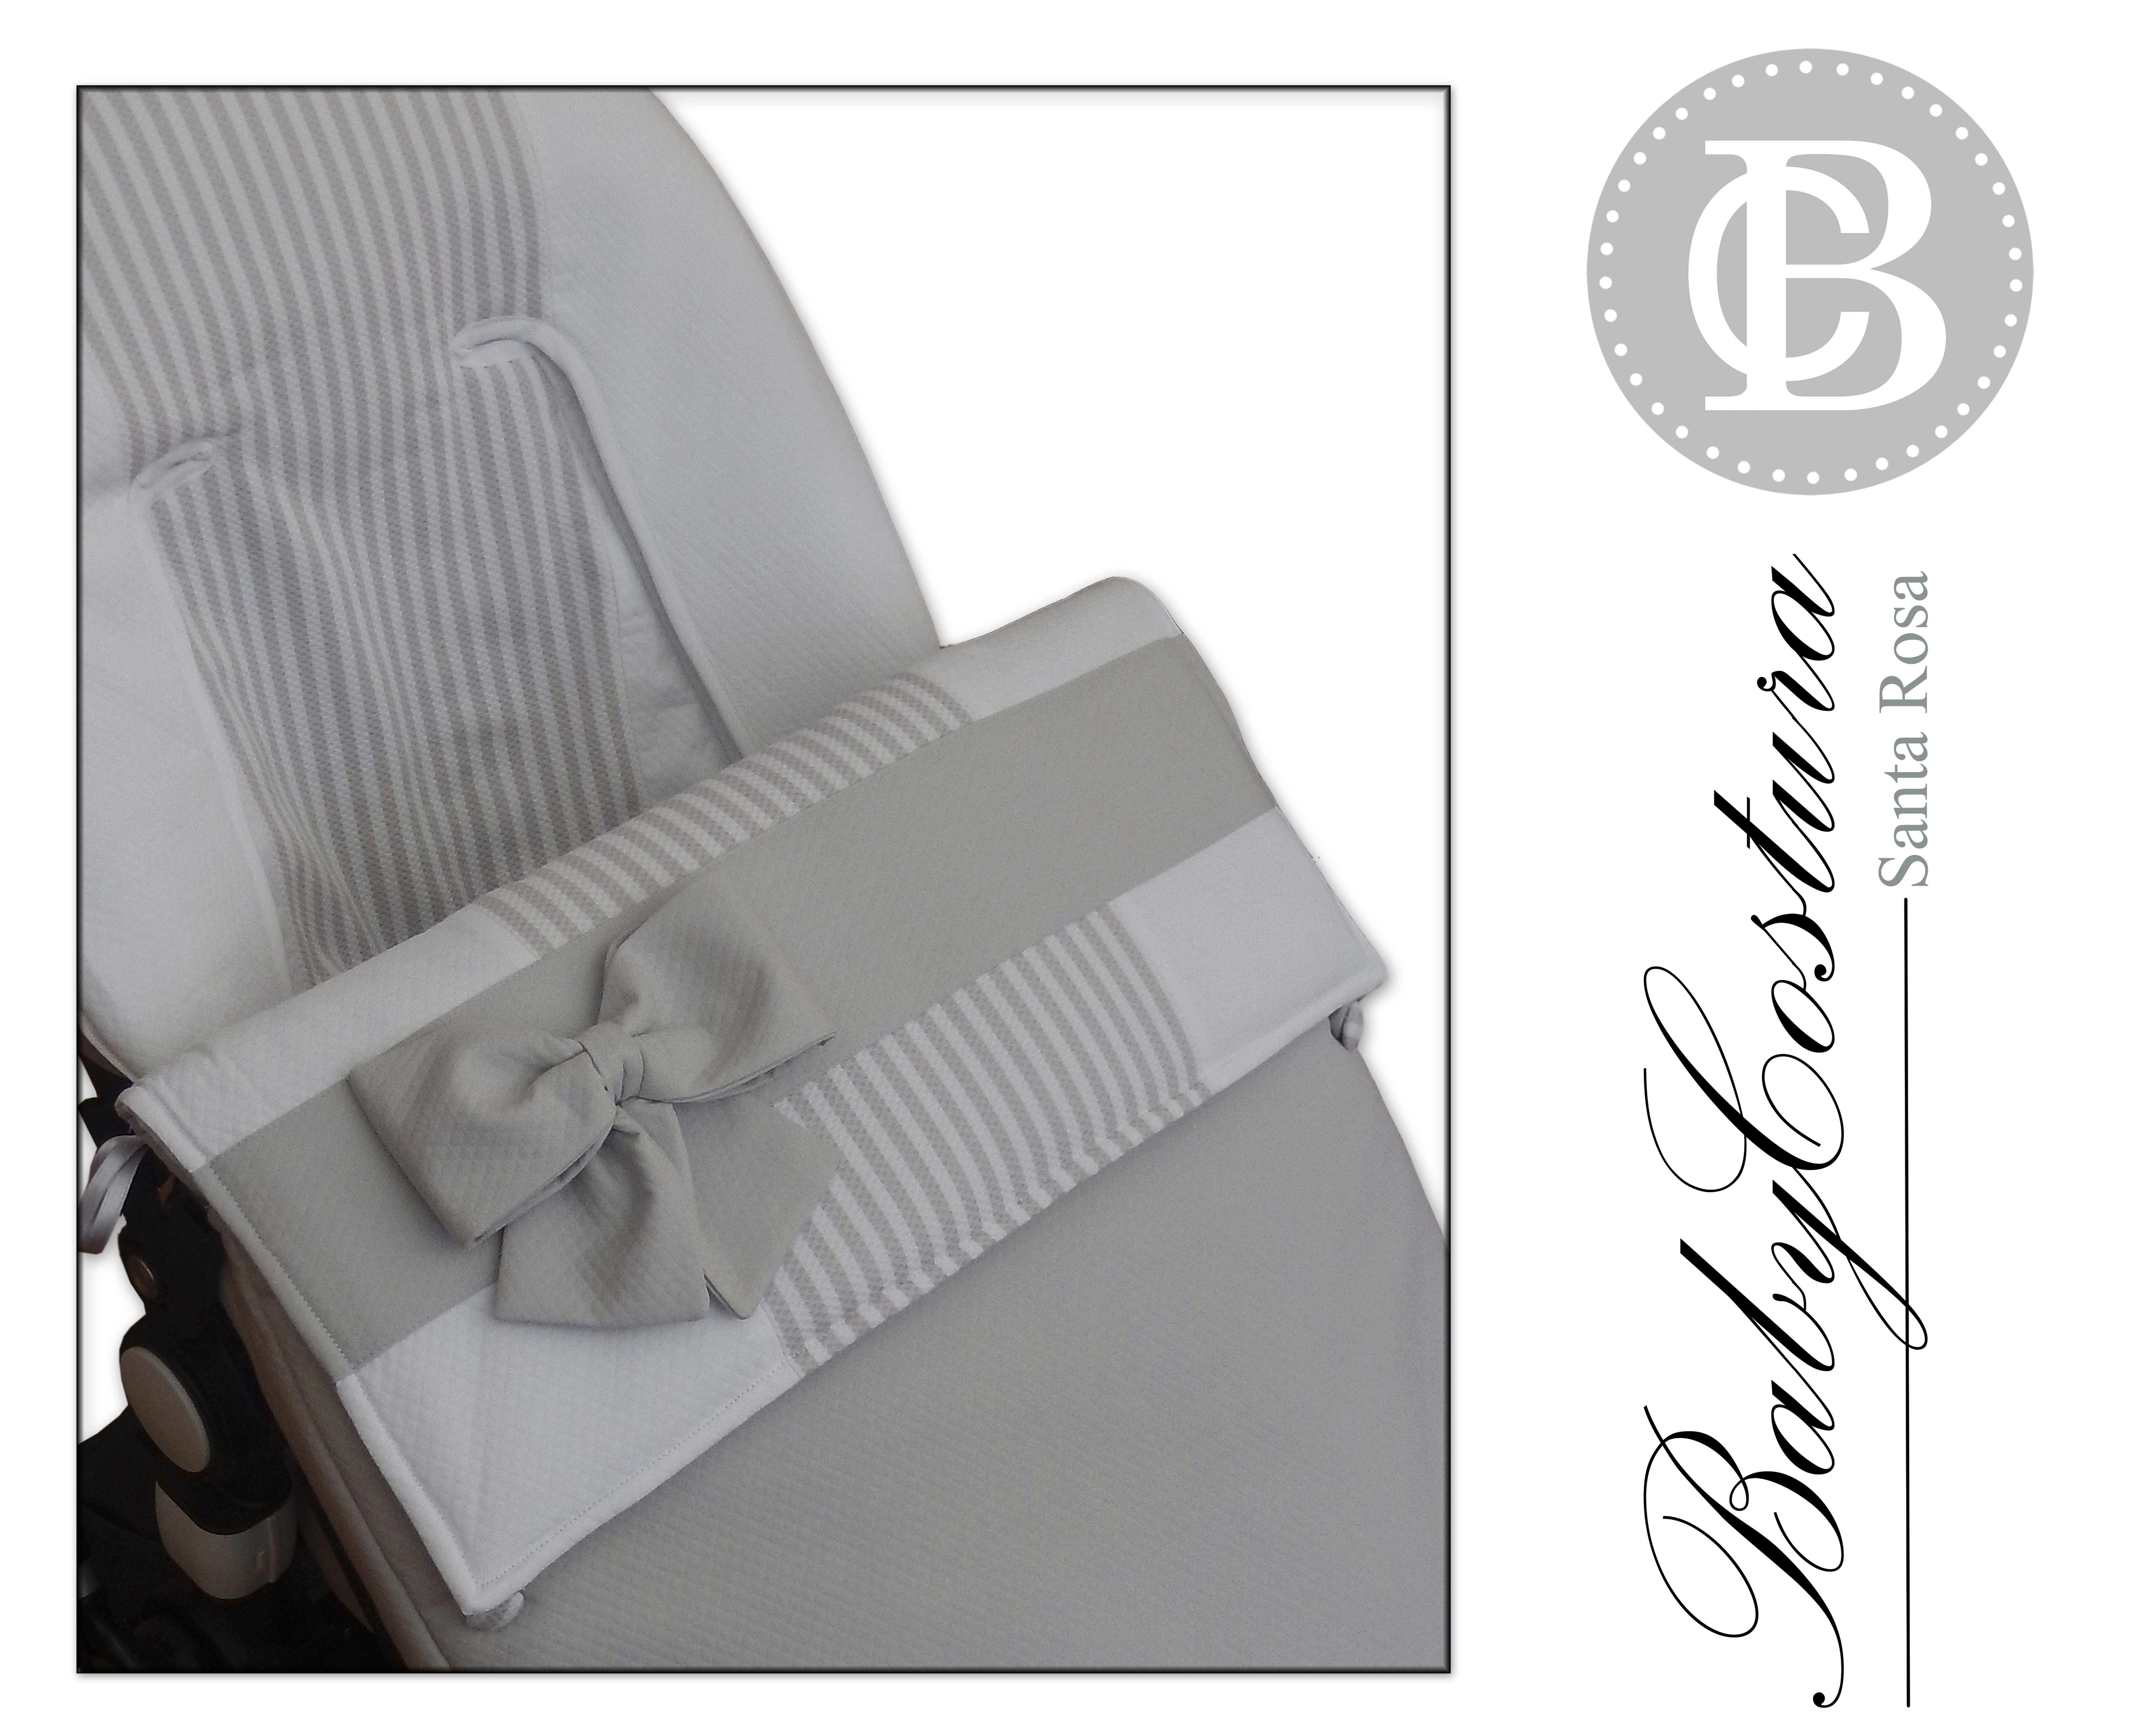 Saco silla personalizado para Bugaboo